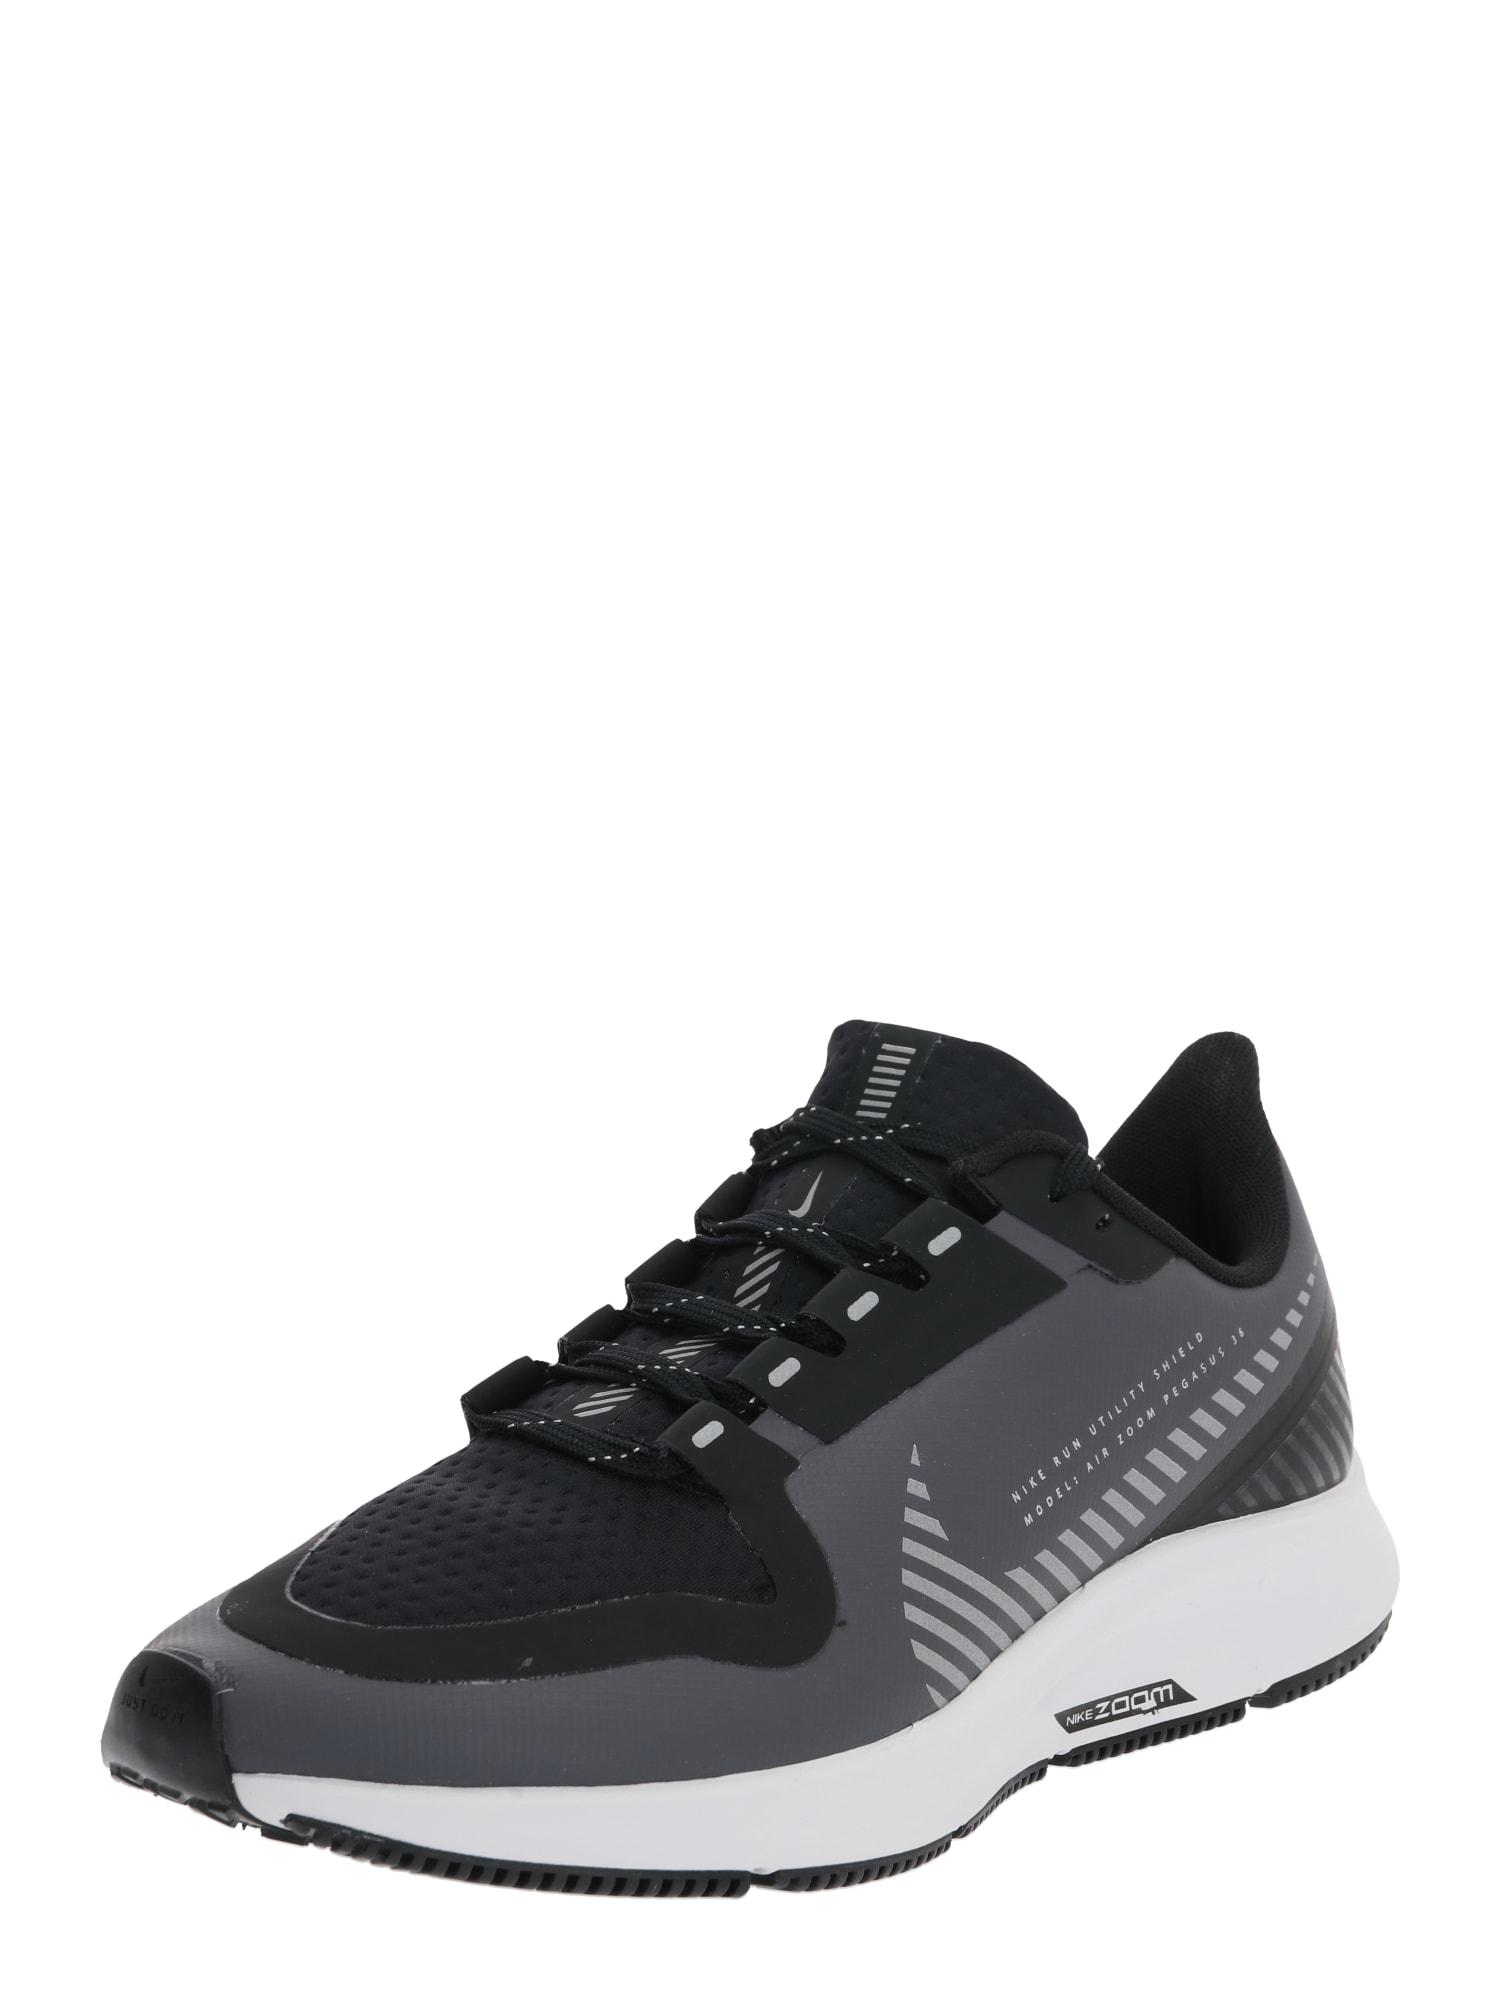 Laufschuh 'Air Zoom Pegasus 36 Shield' | Schuhe > Sportschuhe > Laufschuhe | Nike